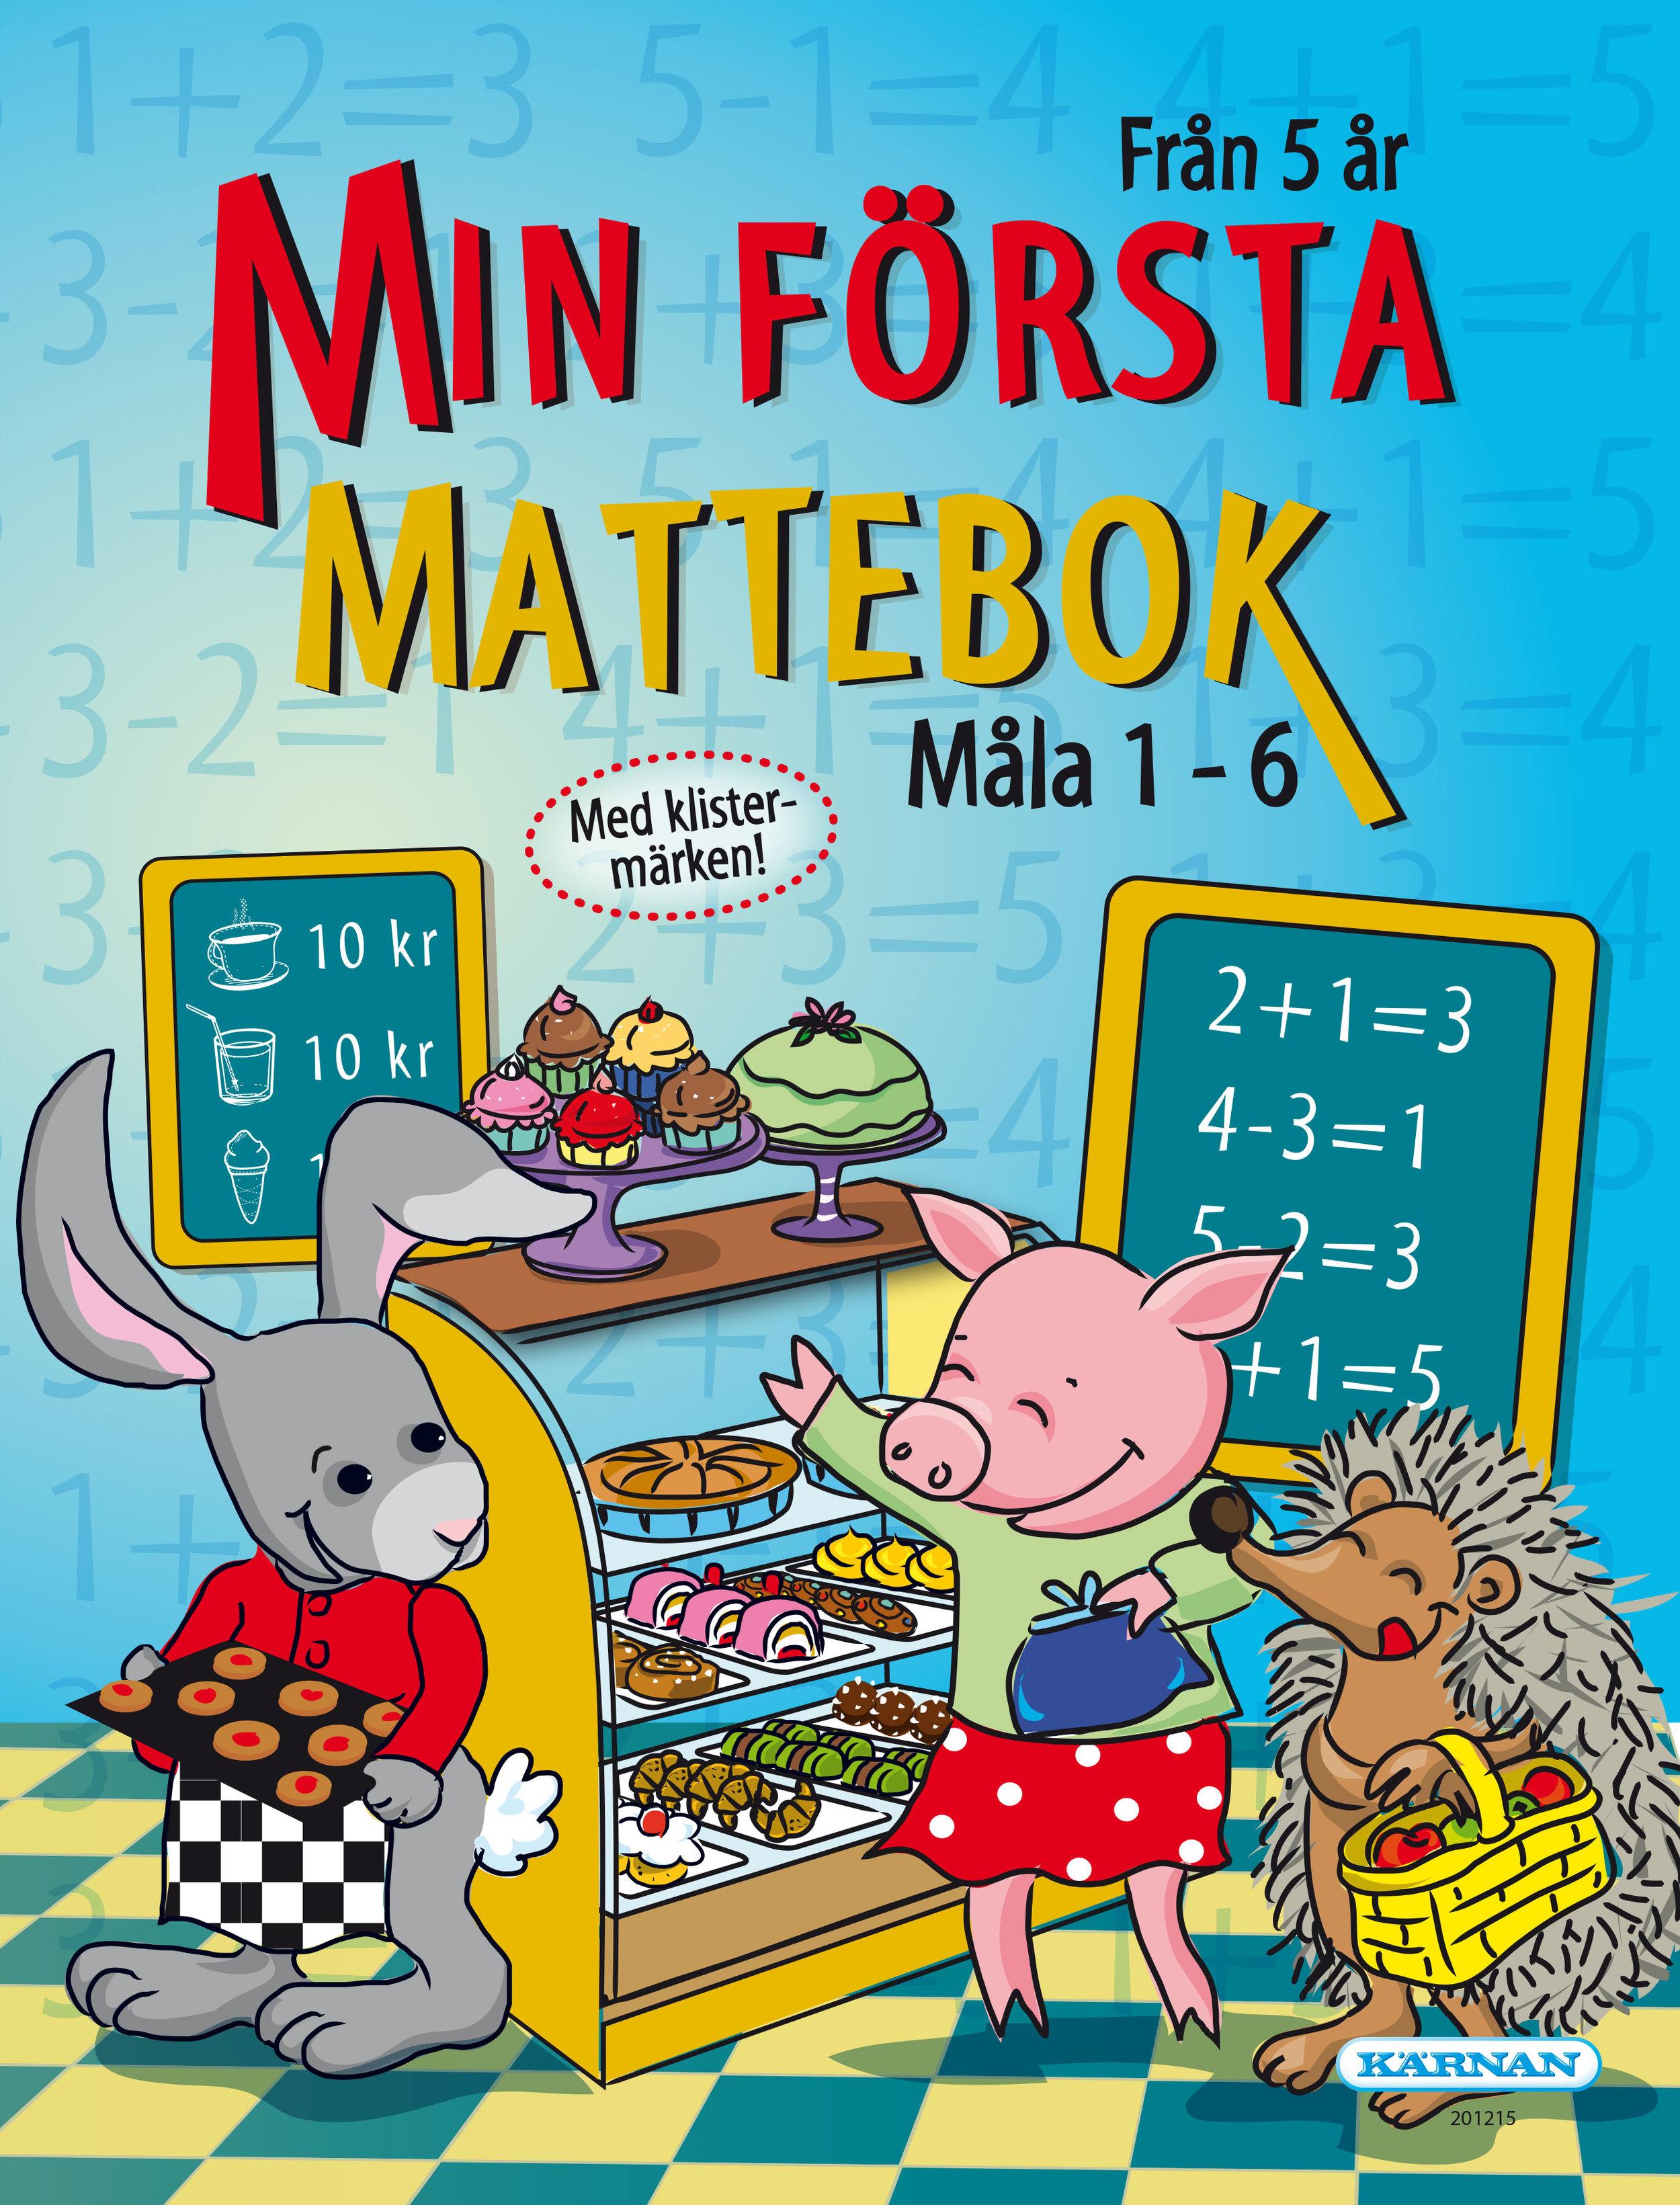 Cover-Min-forsta-mattebok-print.jpg